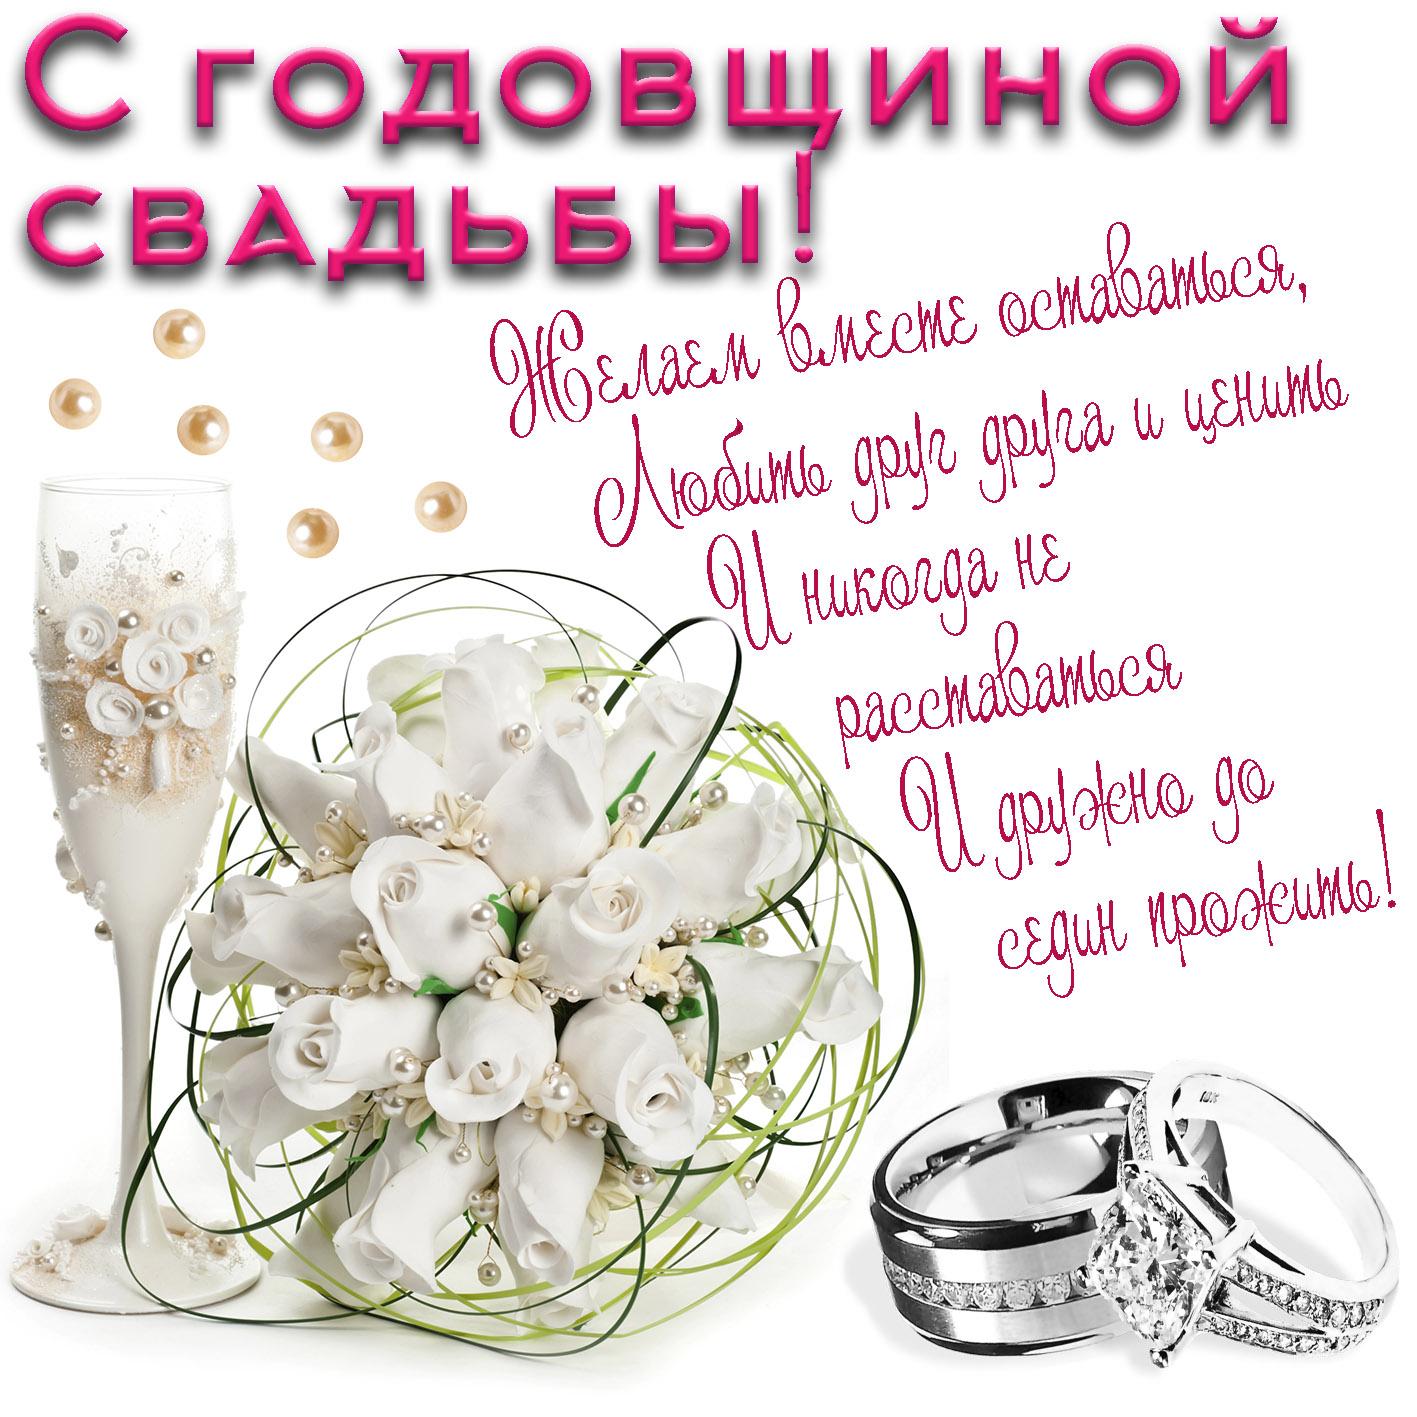 Открытка поздравления с юбилеем свадьбы, открытка днем учителя